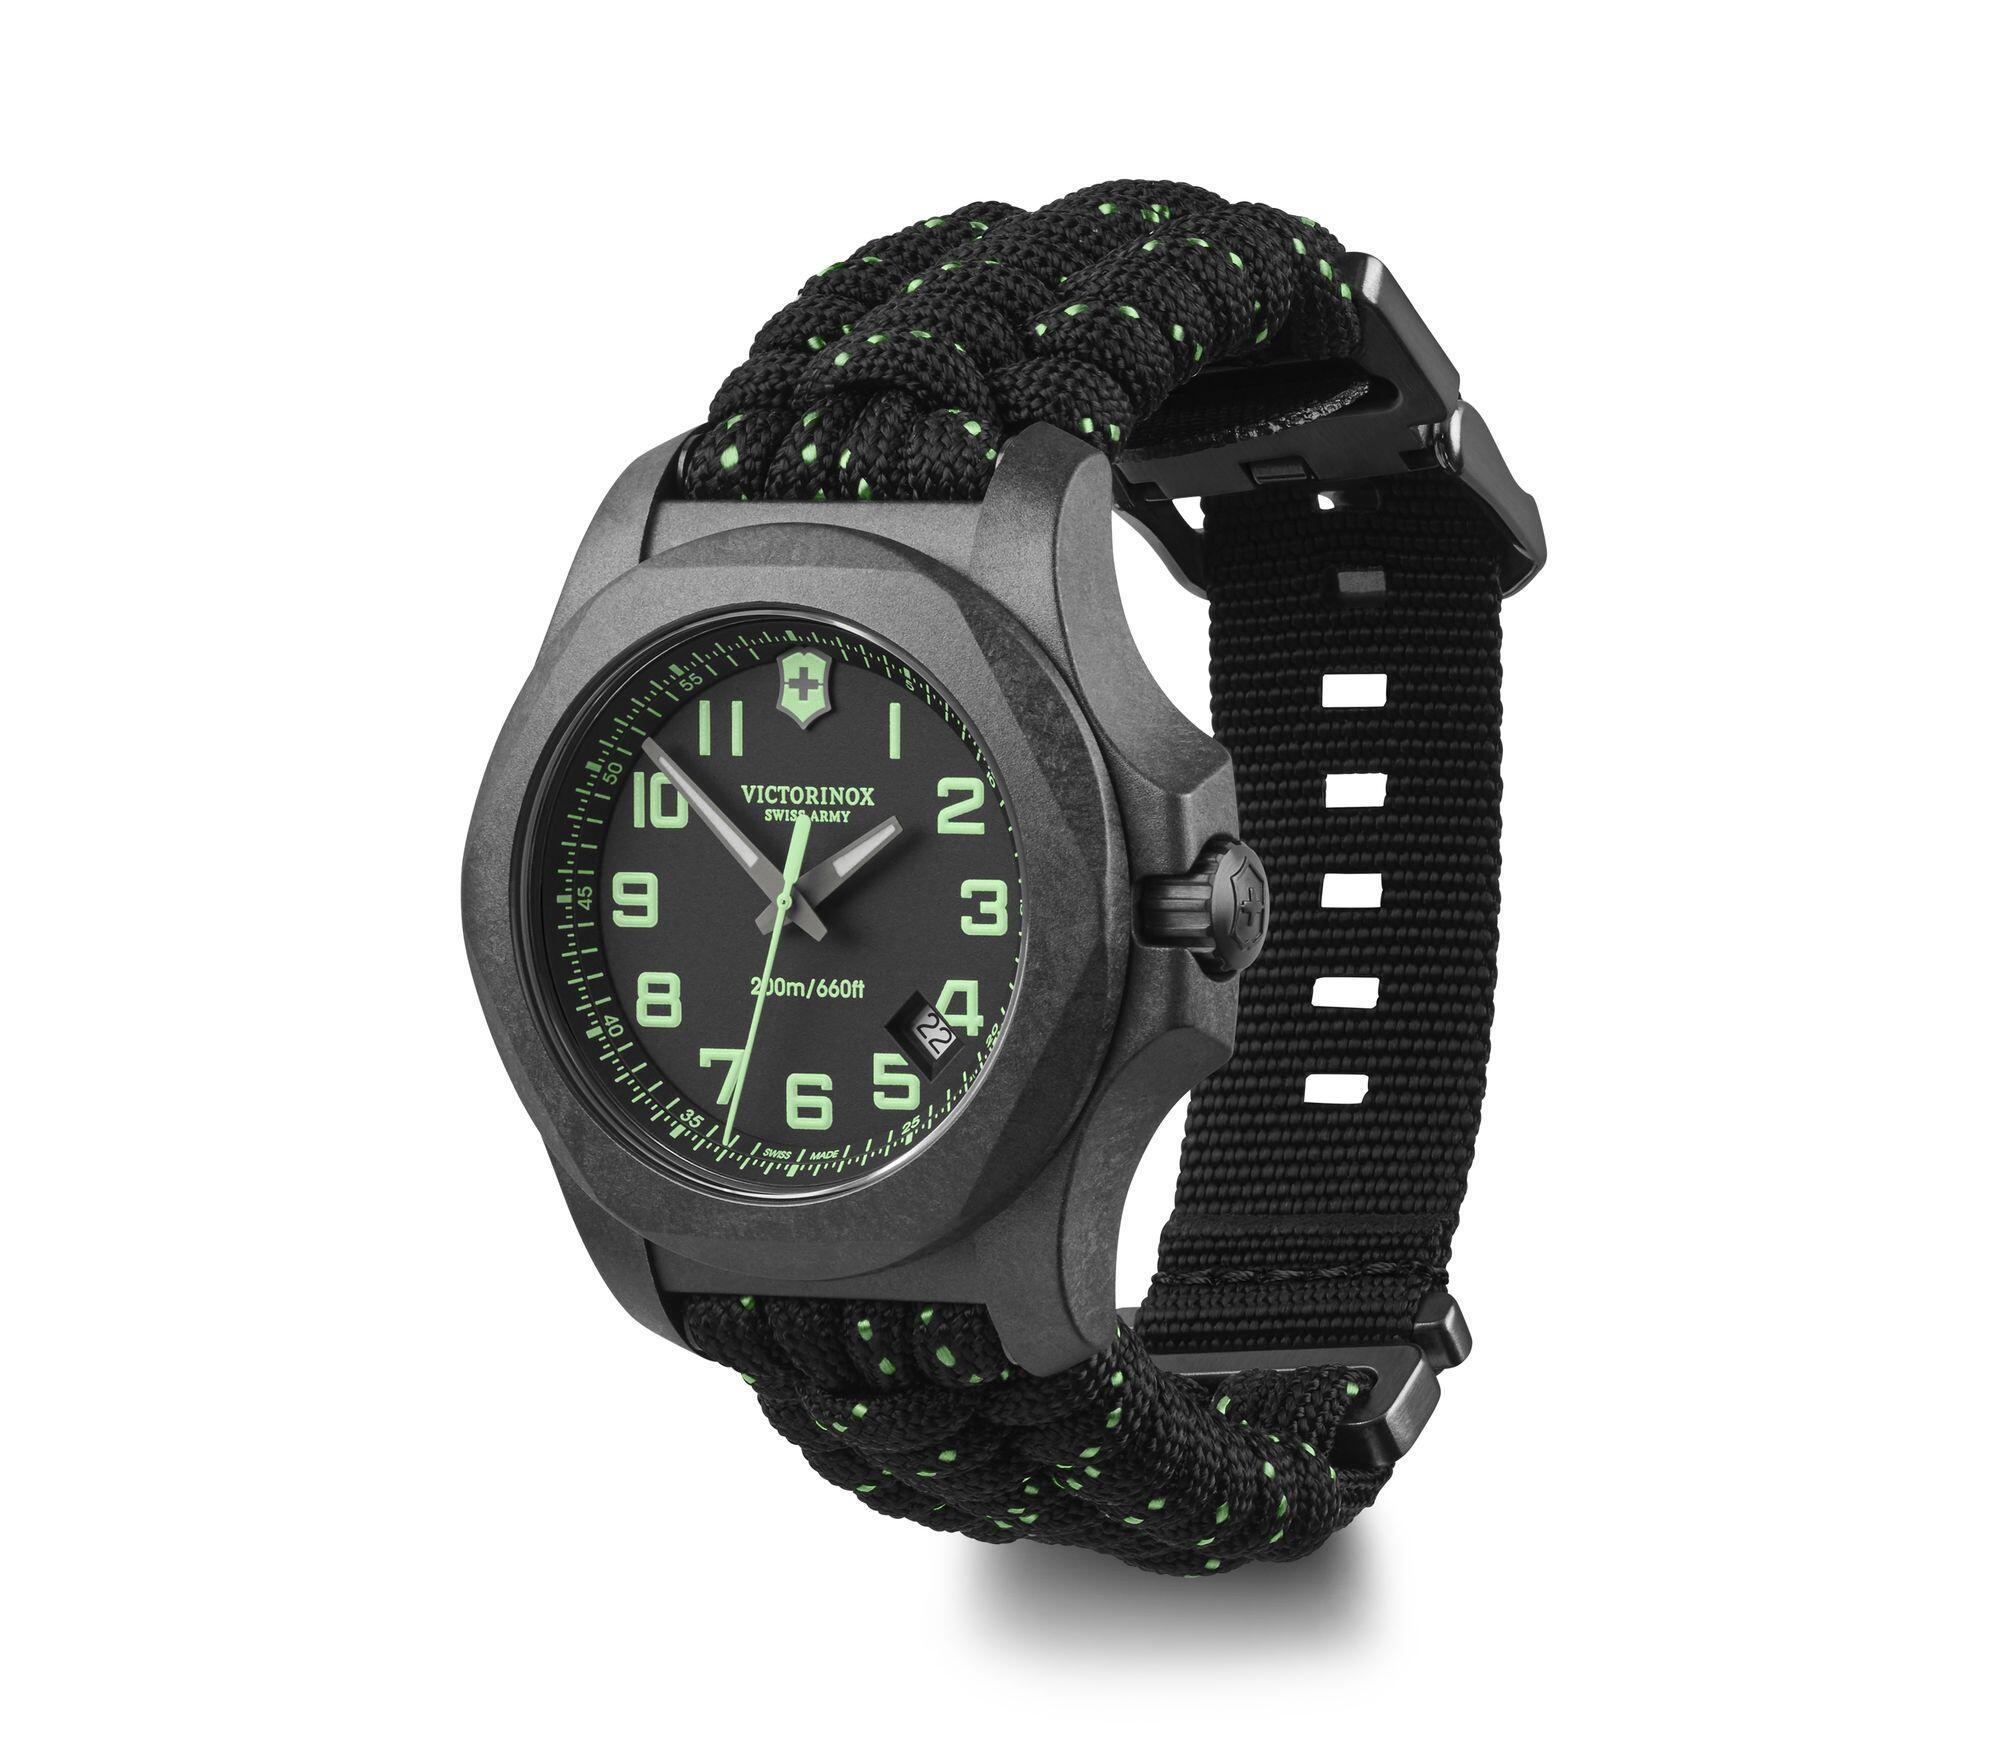 Relógio Victorinox Masculino Preto - VSA Inox Carbon - 241859